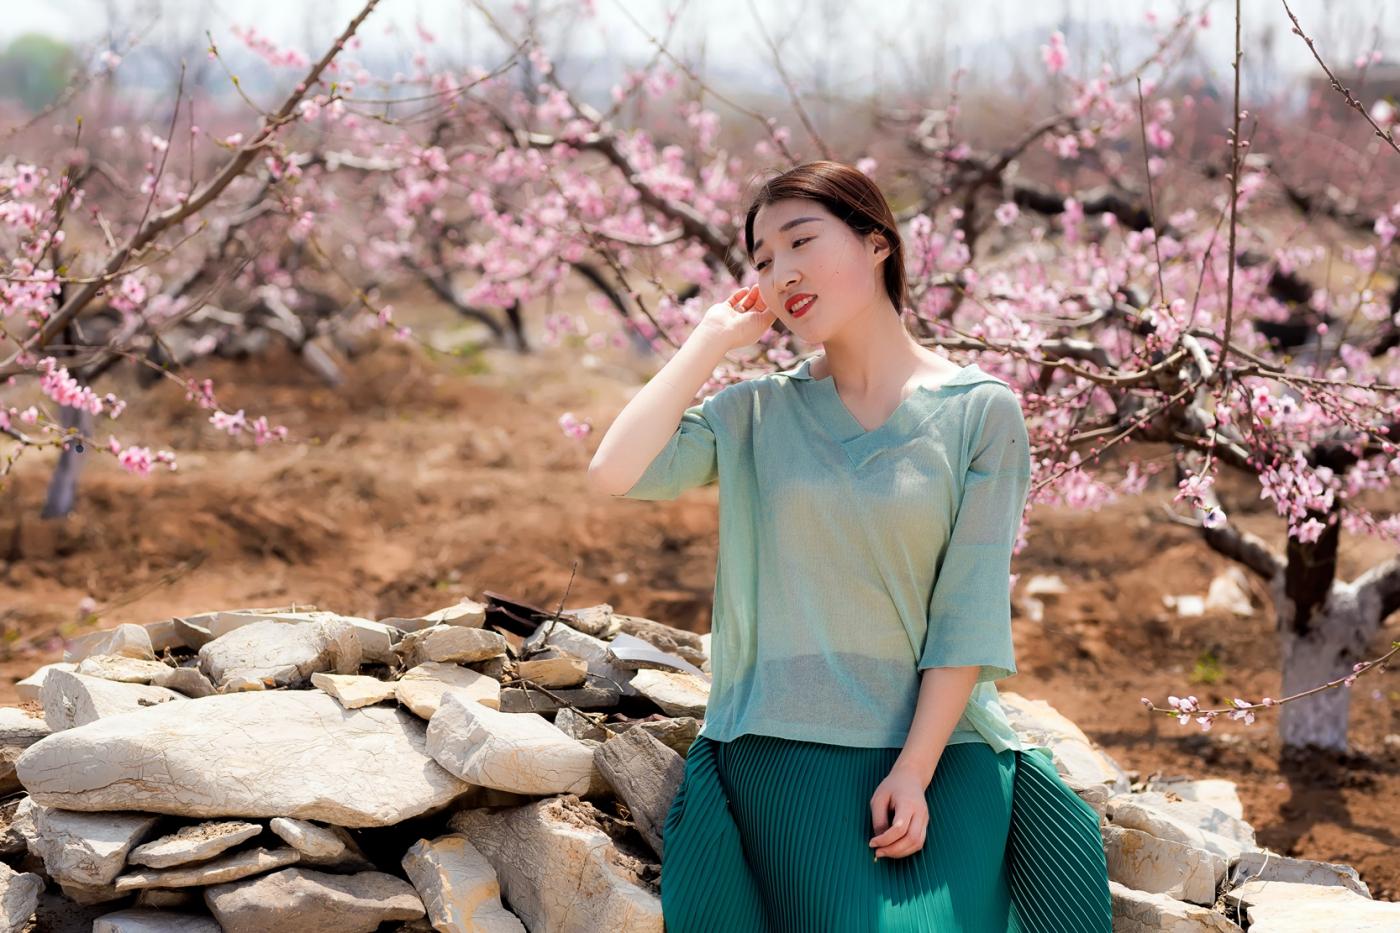 清明时节踏春的临沂女孩们_图1-19